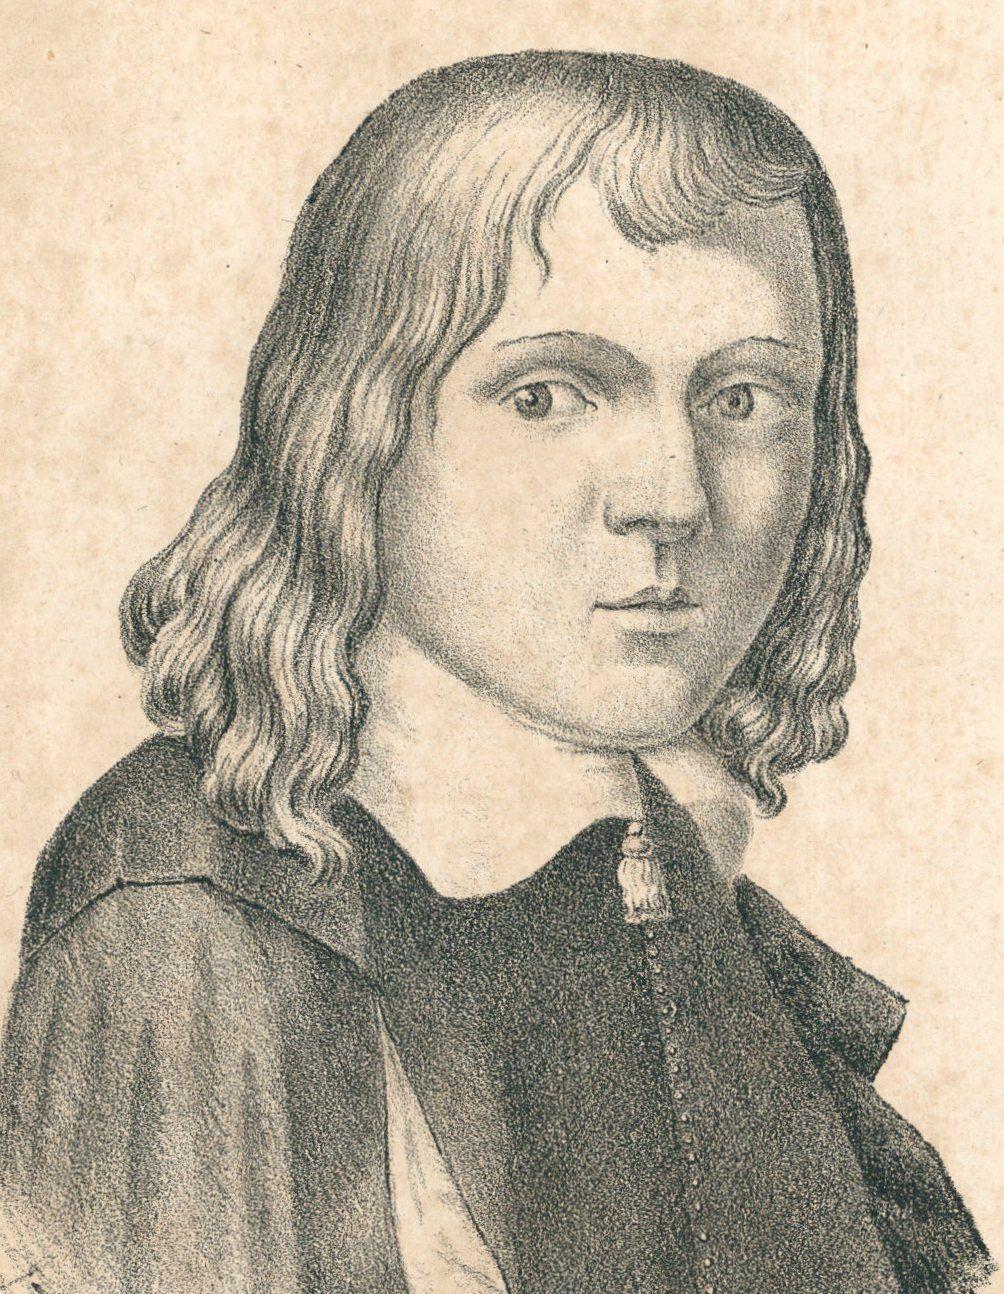 Szlachta stanęła murem za księdzem Stanisławem Orzechowskim, po tym jak postanowił się ożenić.